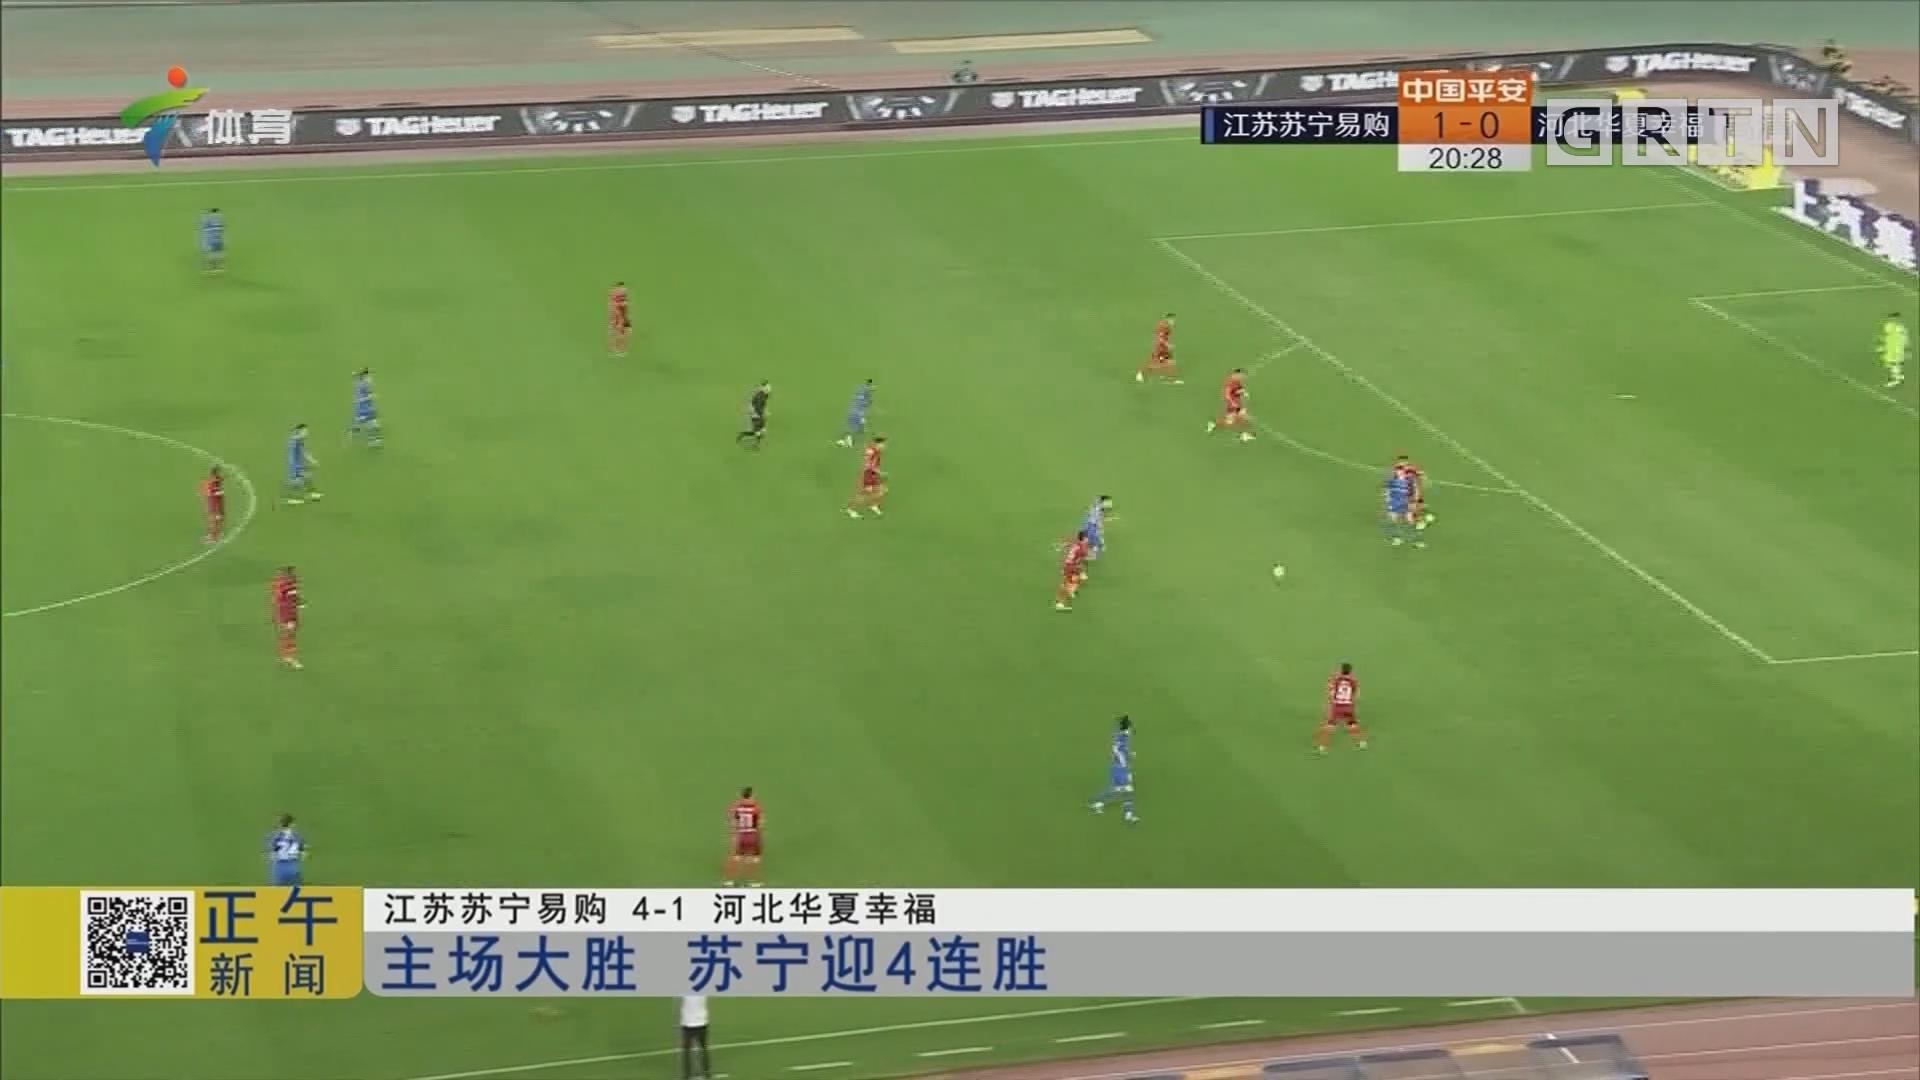 主场大胜 苏宁迎4连胜